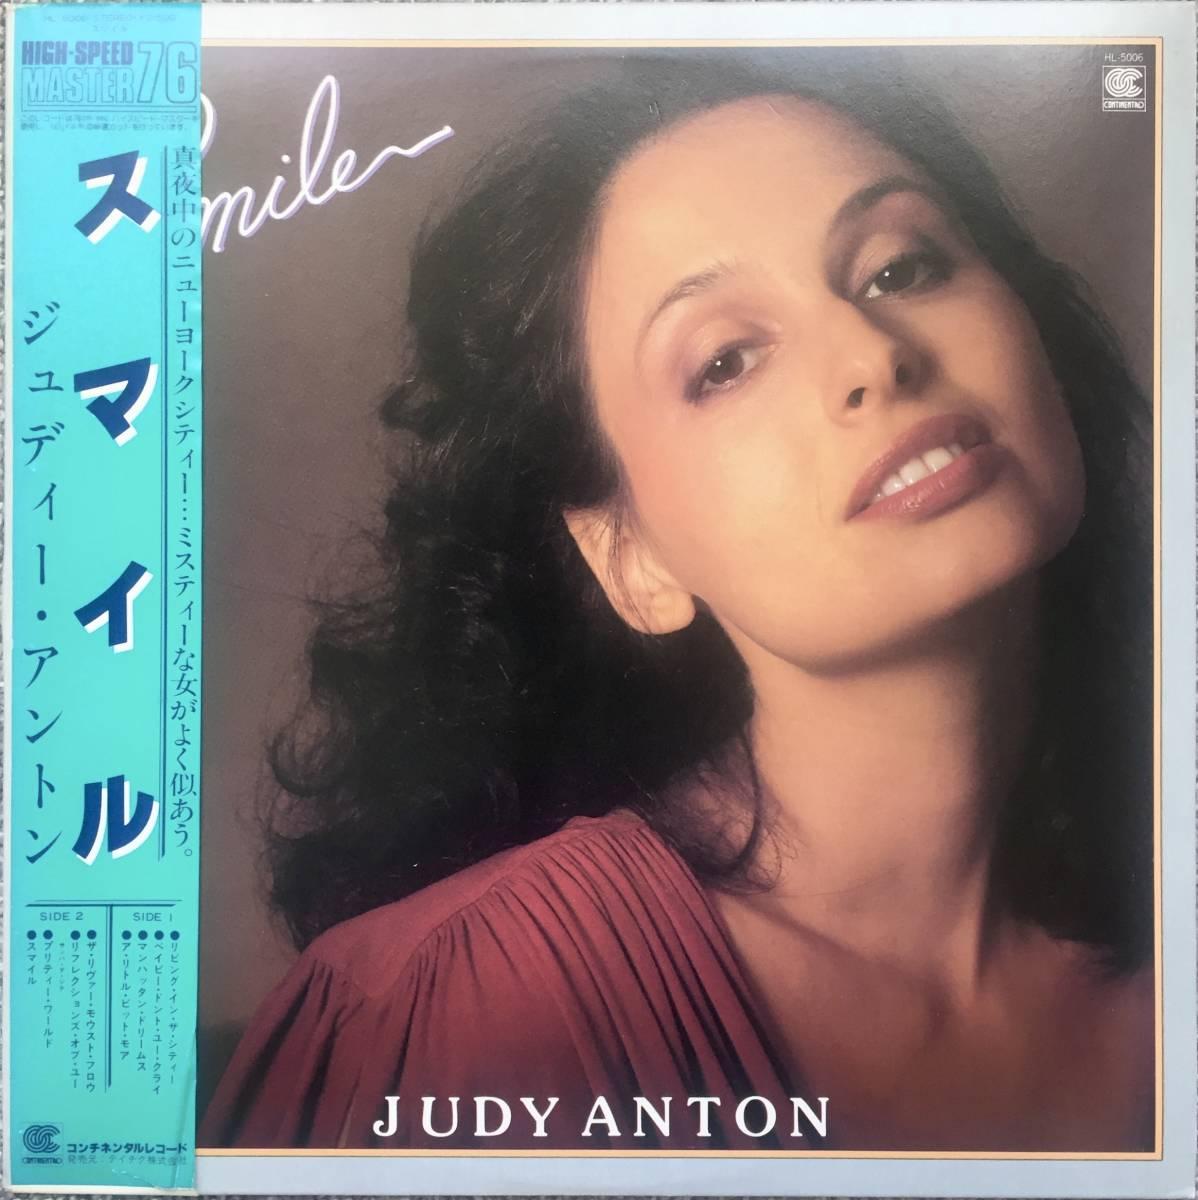 極美盤 帯付き JUDY ANTON - SMILE HL5006 国内限定盤 ジュディー・アントン - スマイル CITY POP AOR LIGHT MELLOW 和モノ シティーポップ